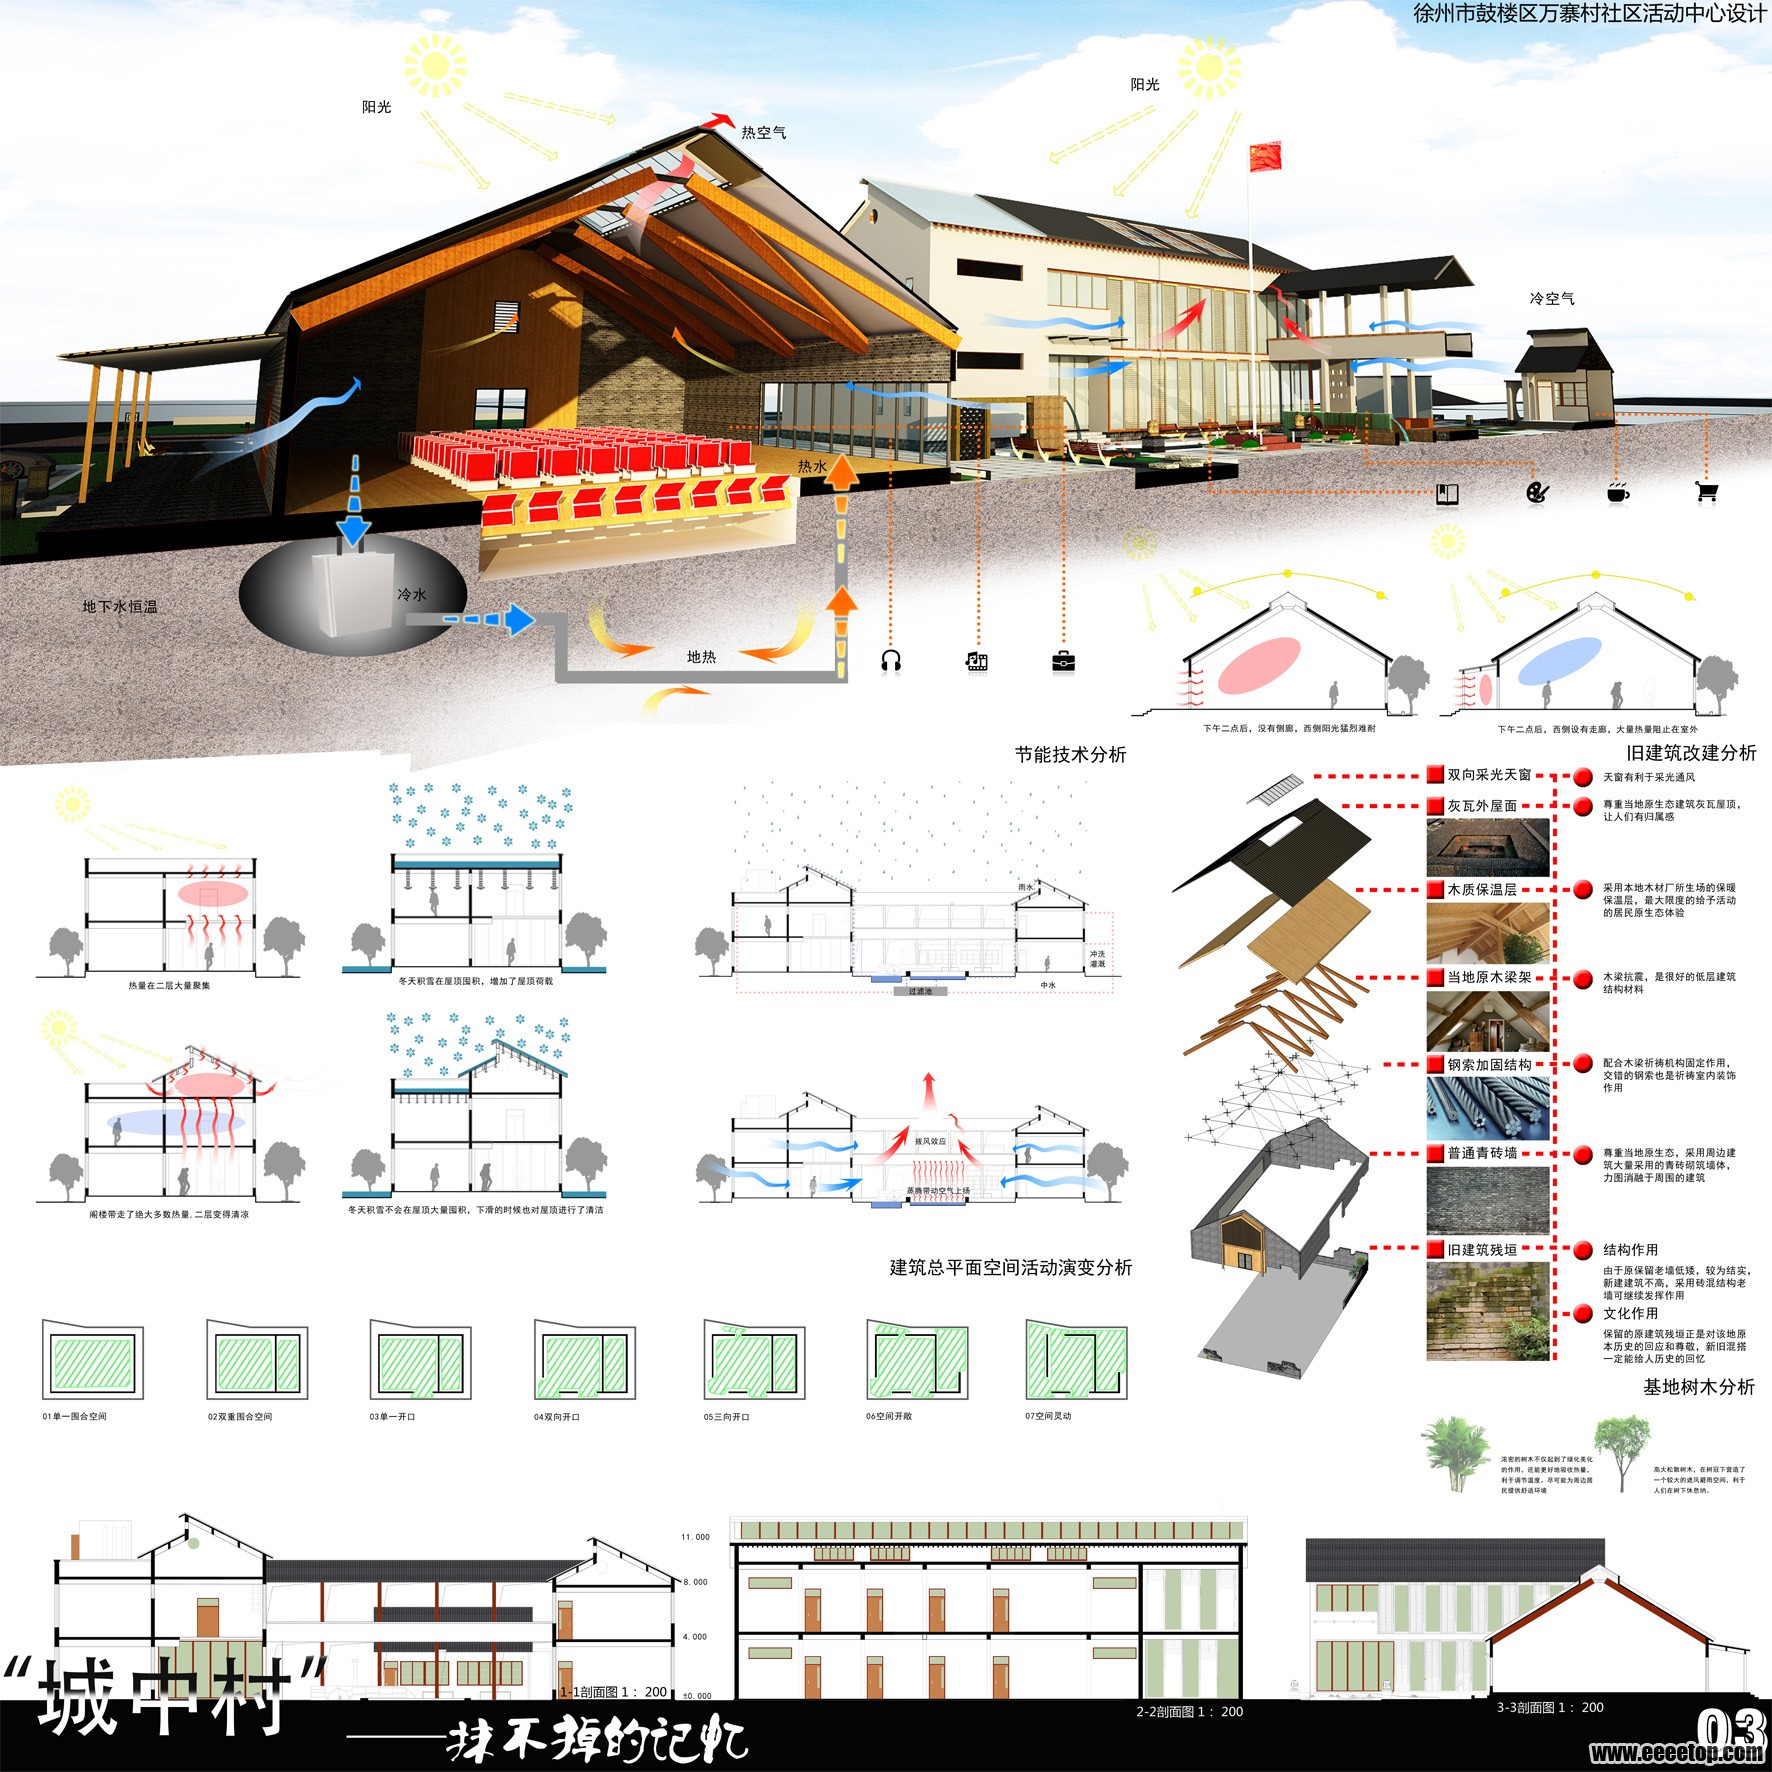 2013藍星杯社區活動中心設計